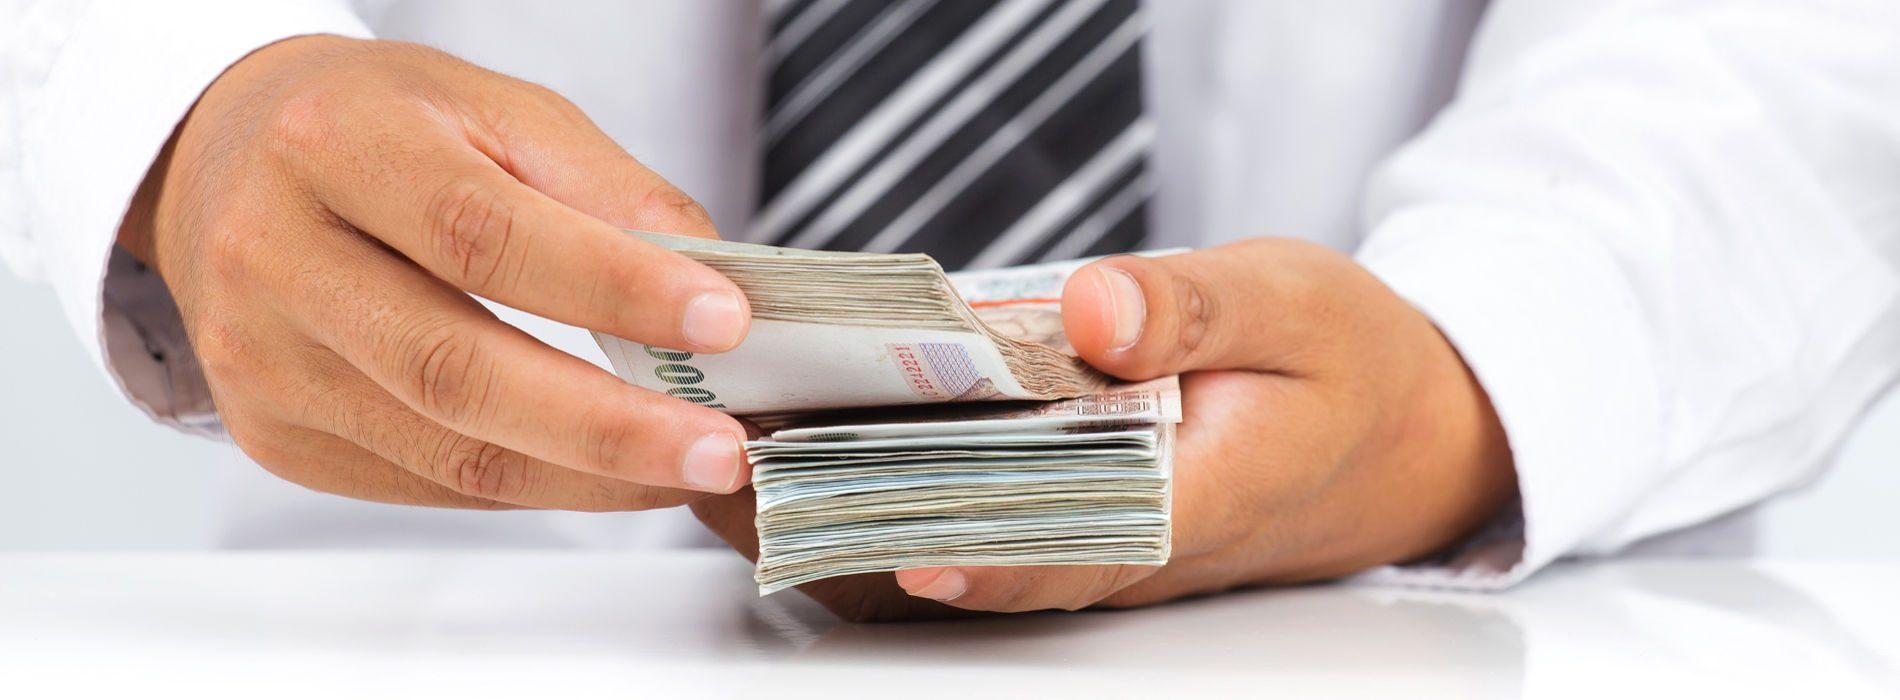 Agro microfinance company warns loan defaulters